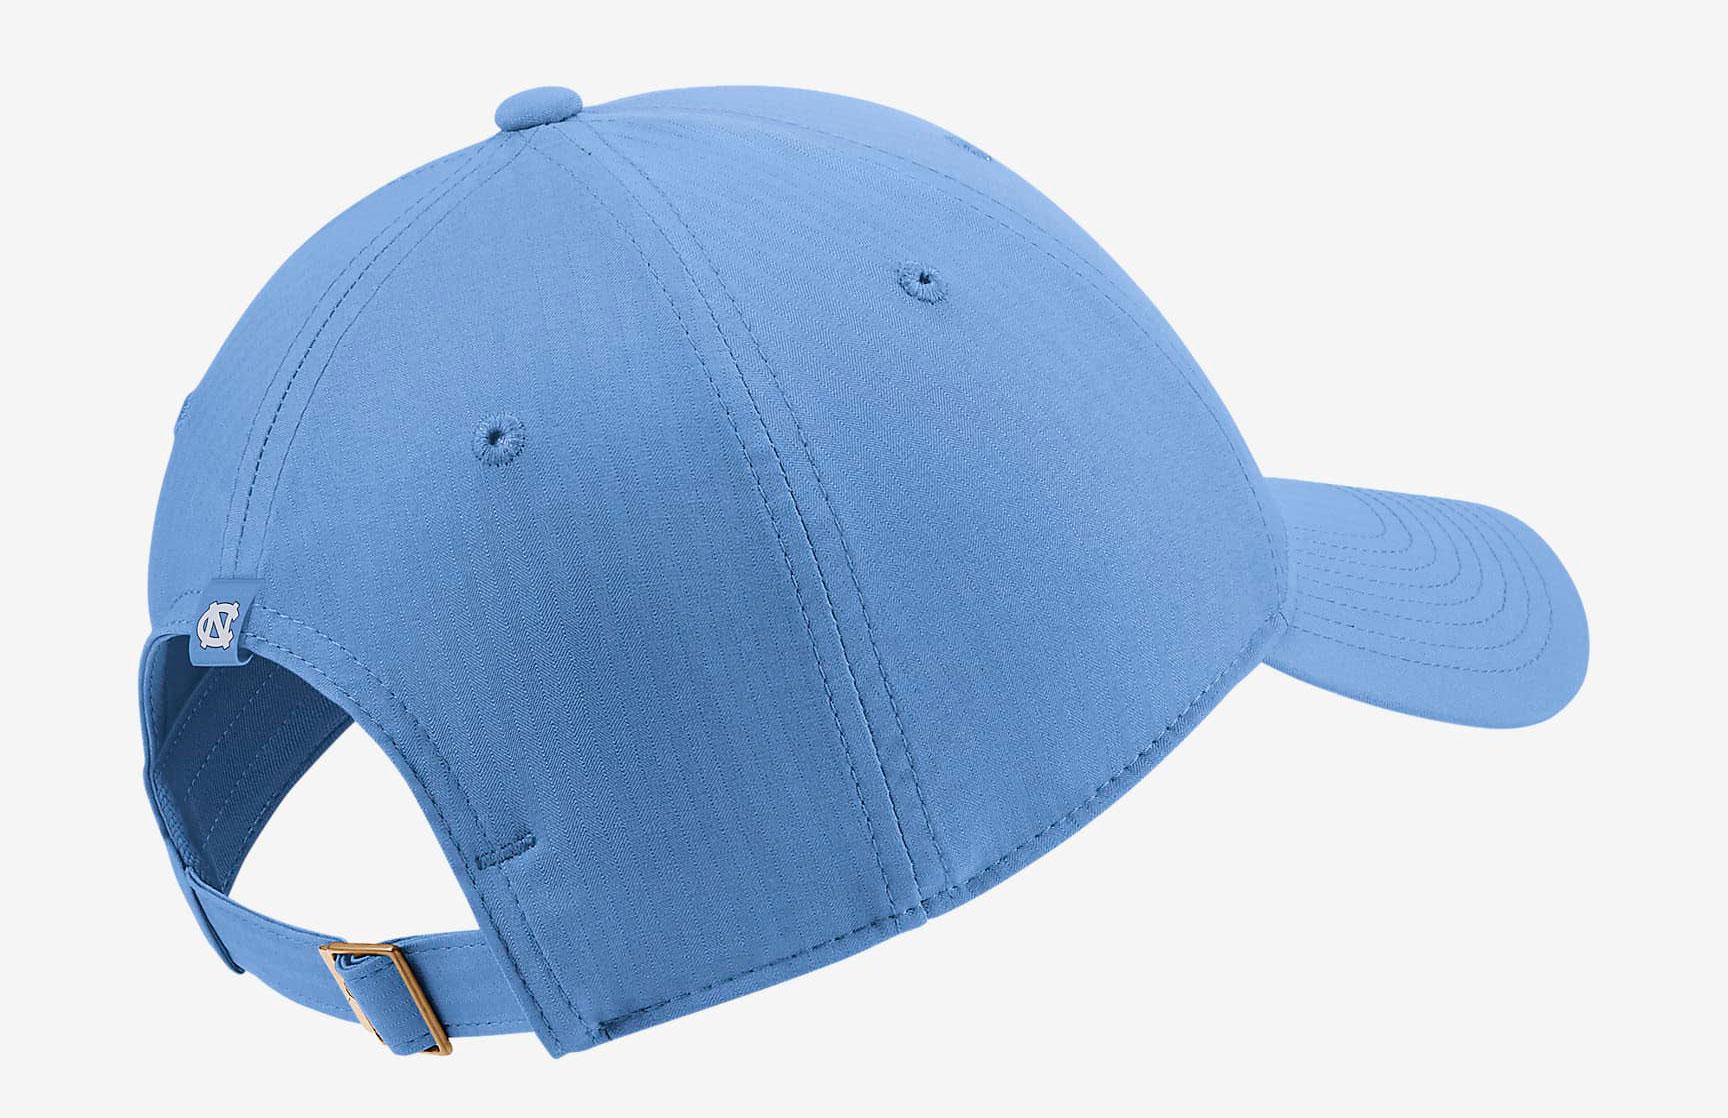 jordan-9-university-blue-unc-hat-2